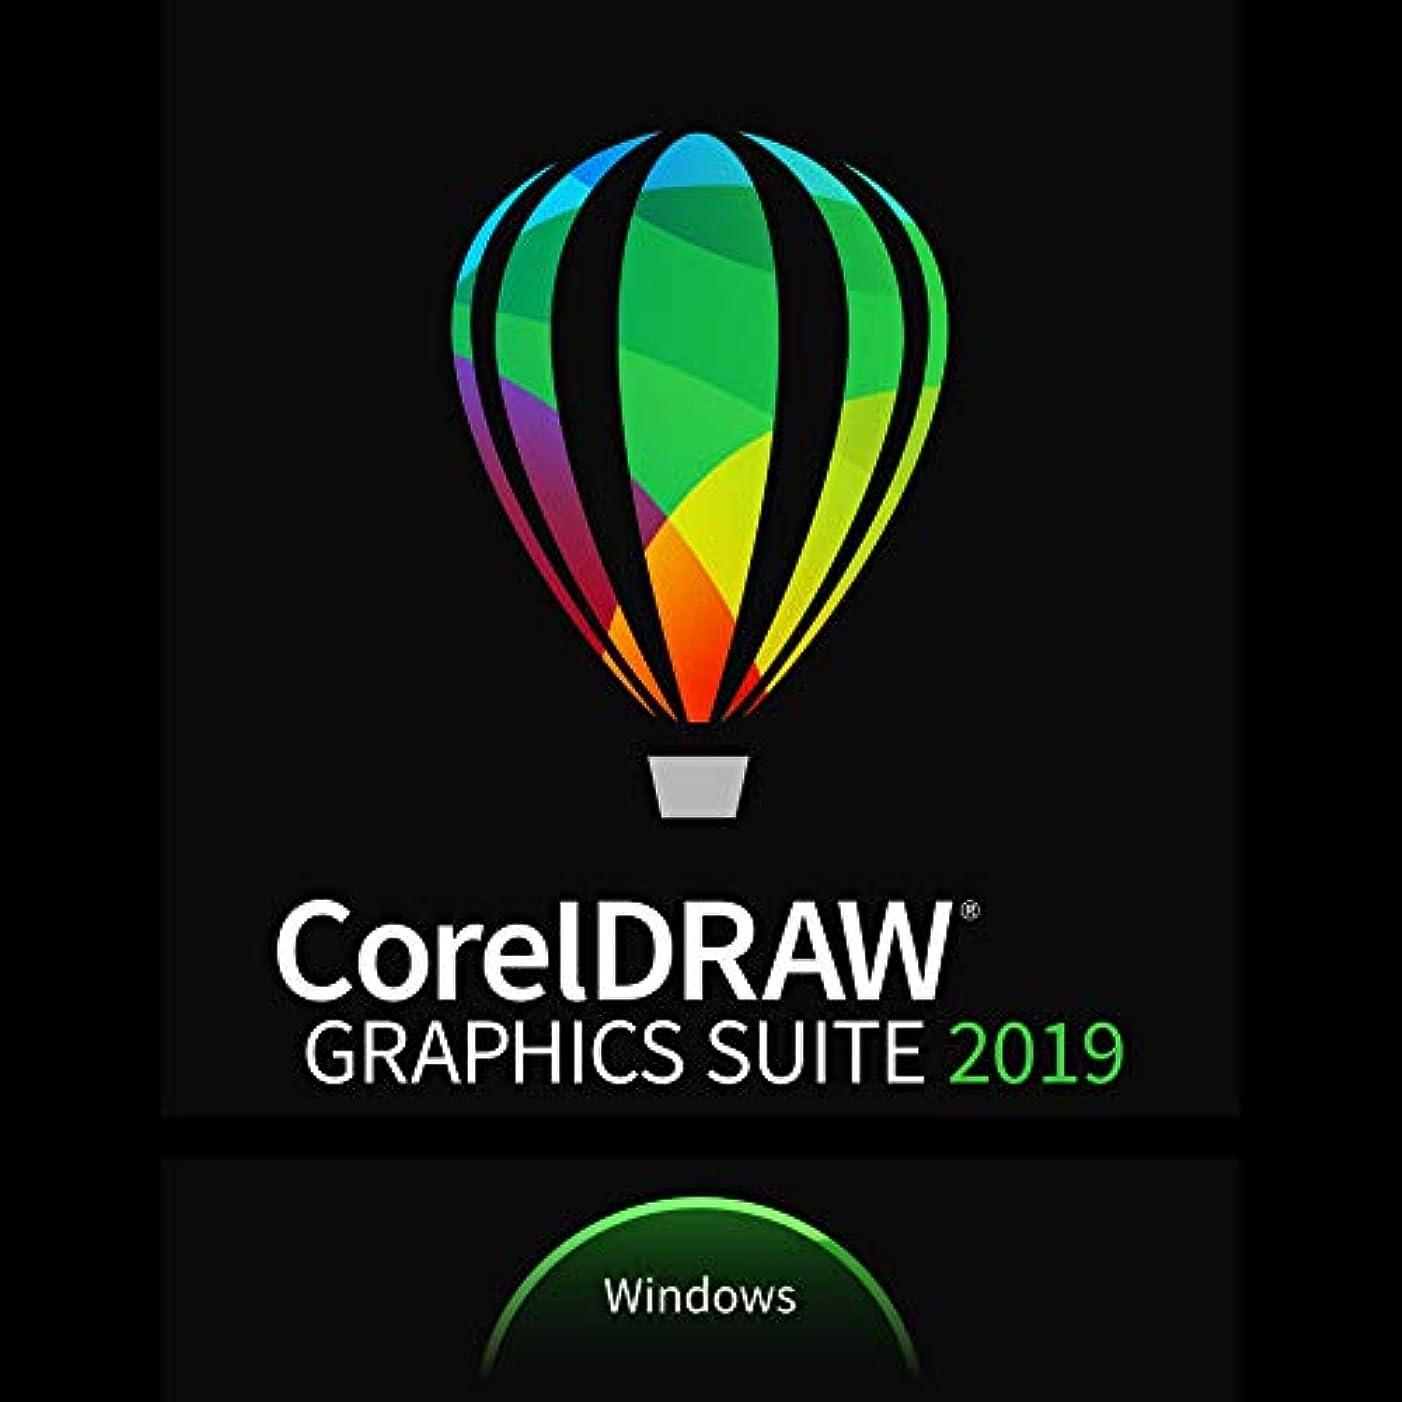 美しい共産主義者拡声器CorelDRAW Graphics Suite 2019 for Windows(最新)|ダウンロード版